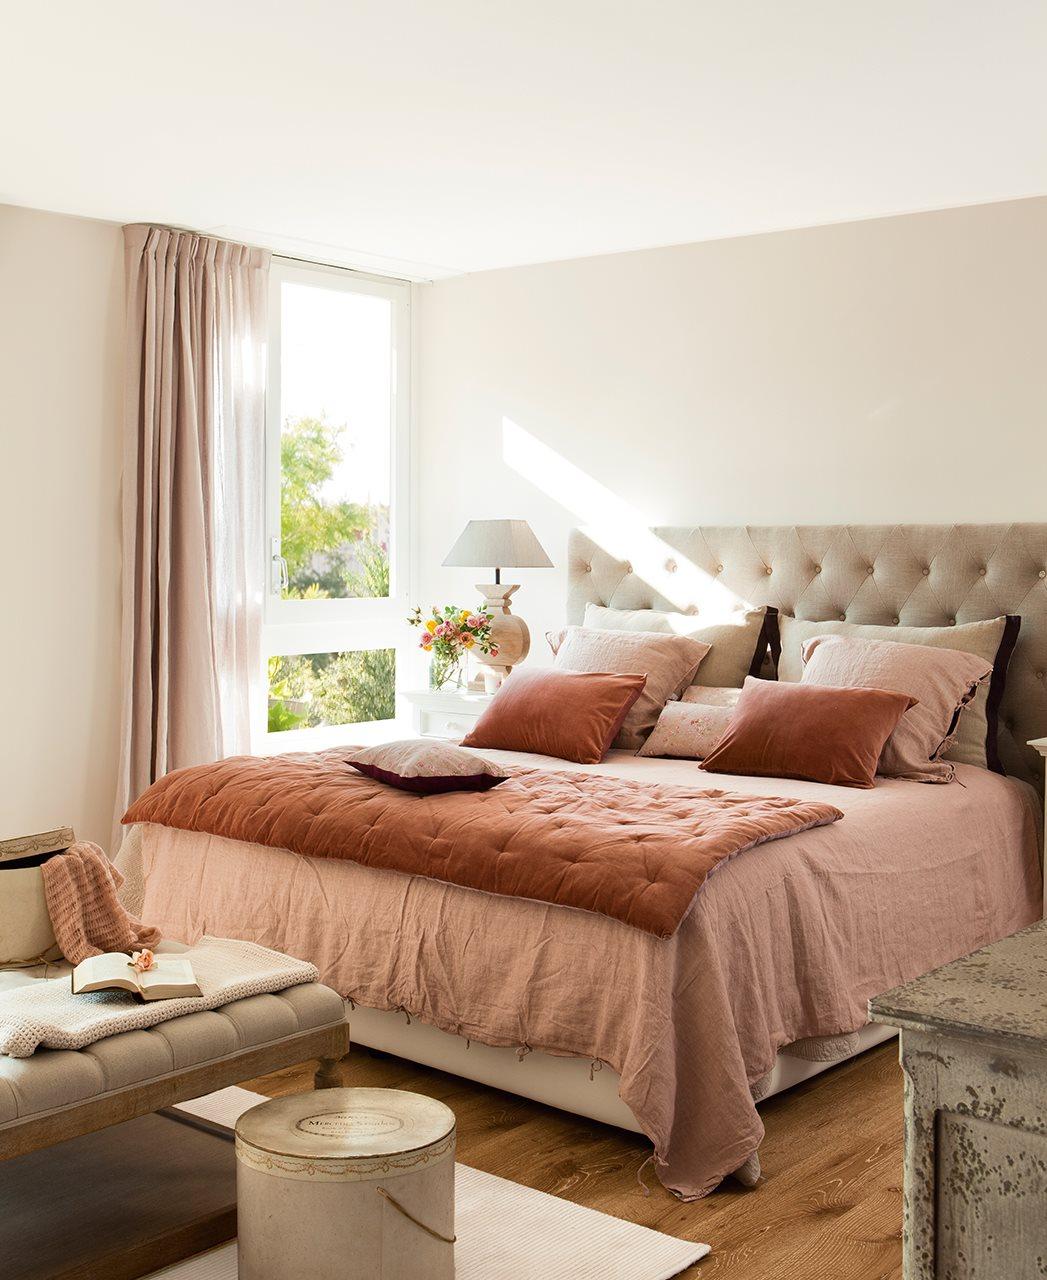 Tr plex con luz for Dormitorio king